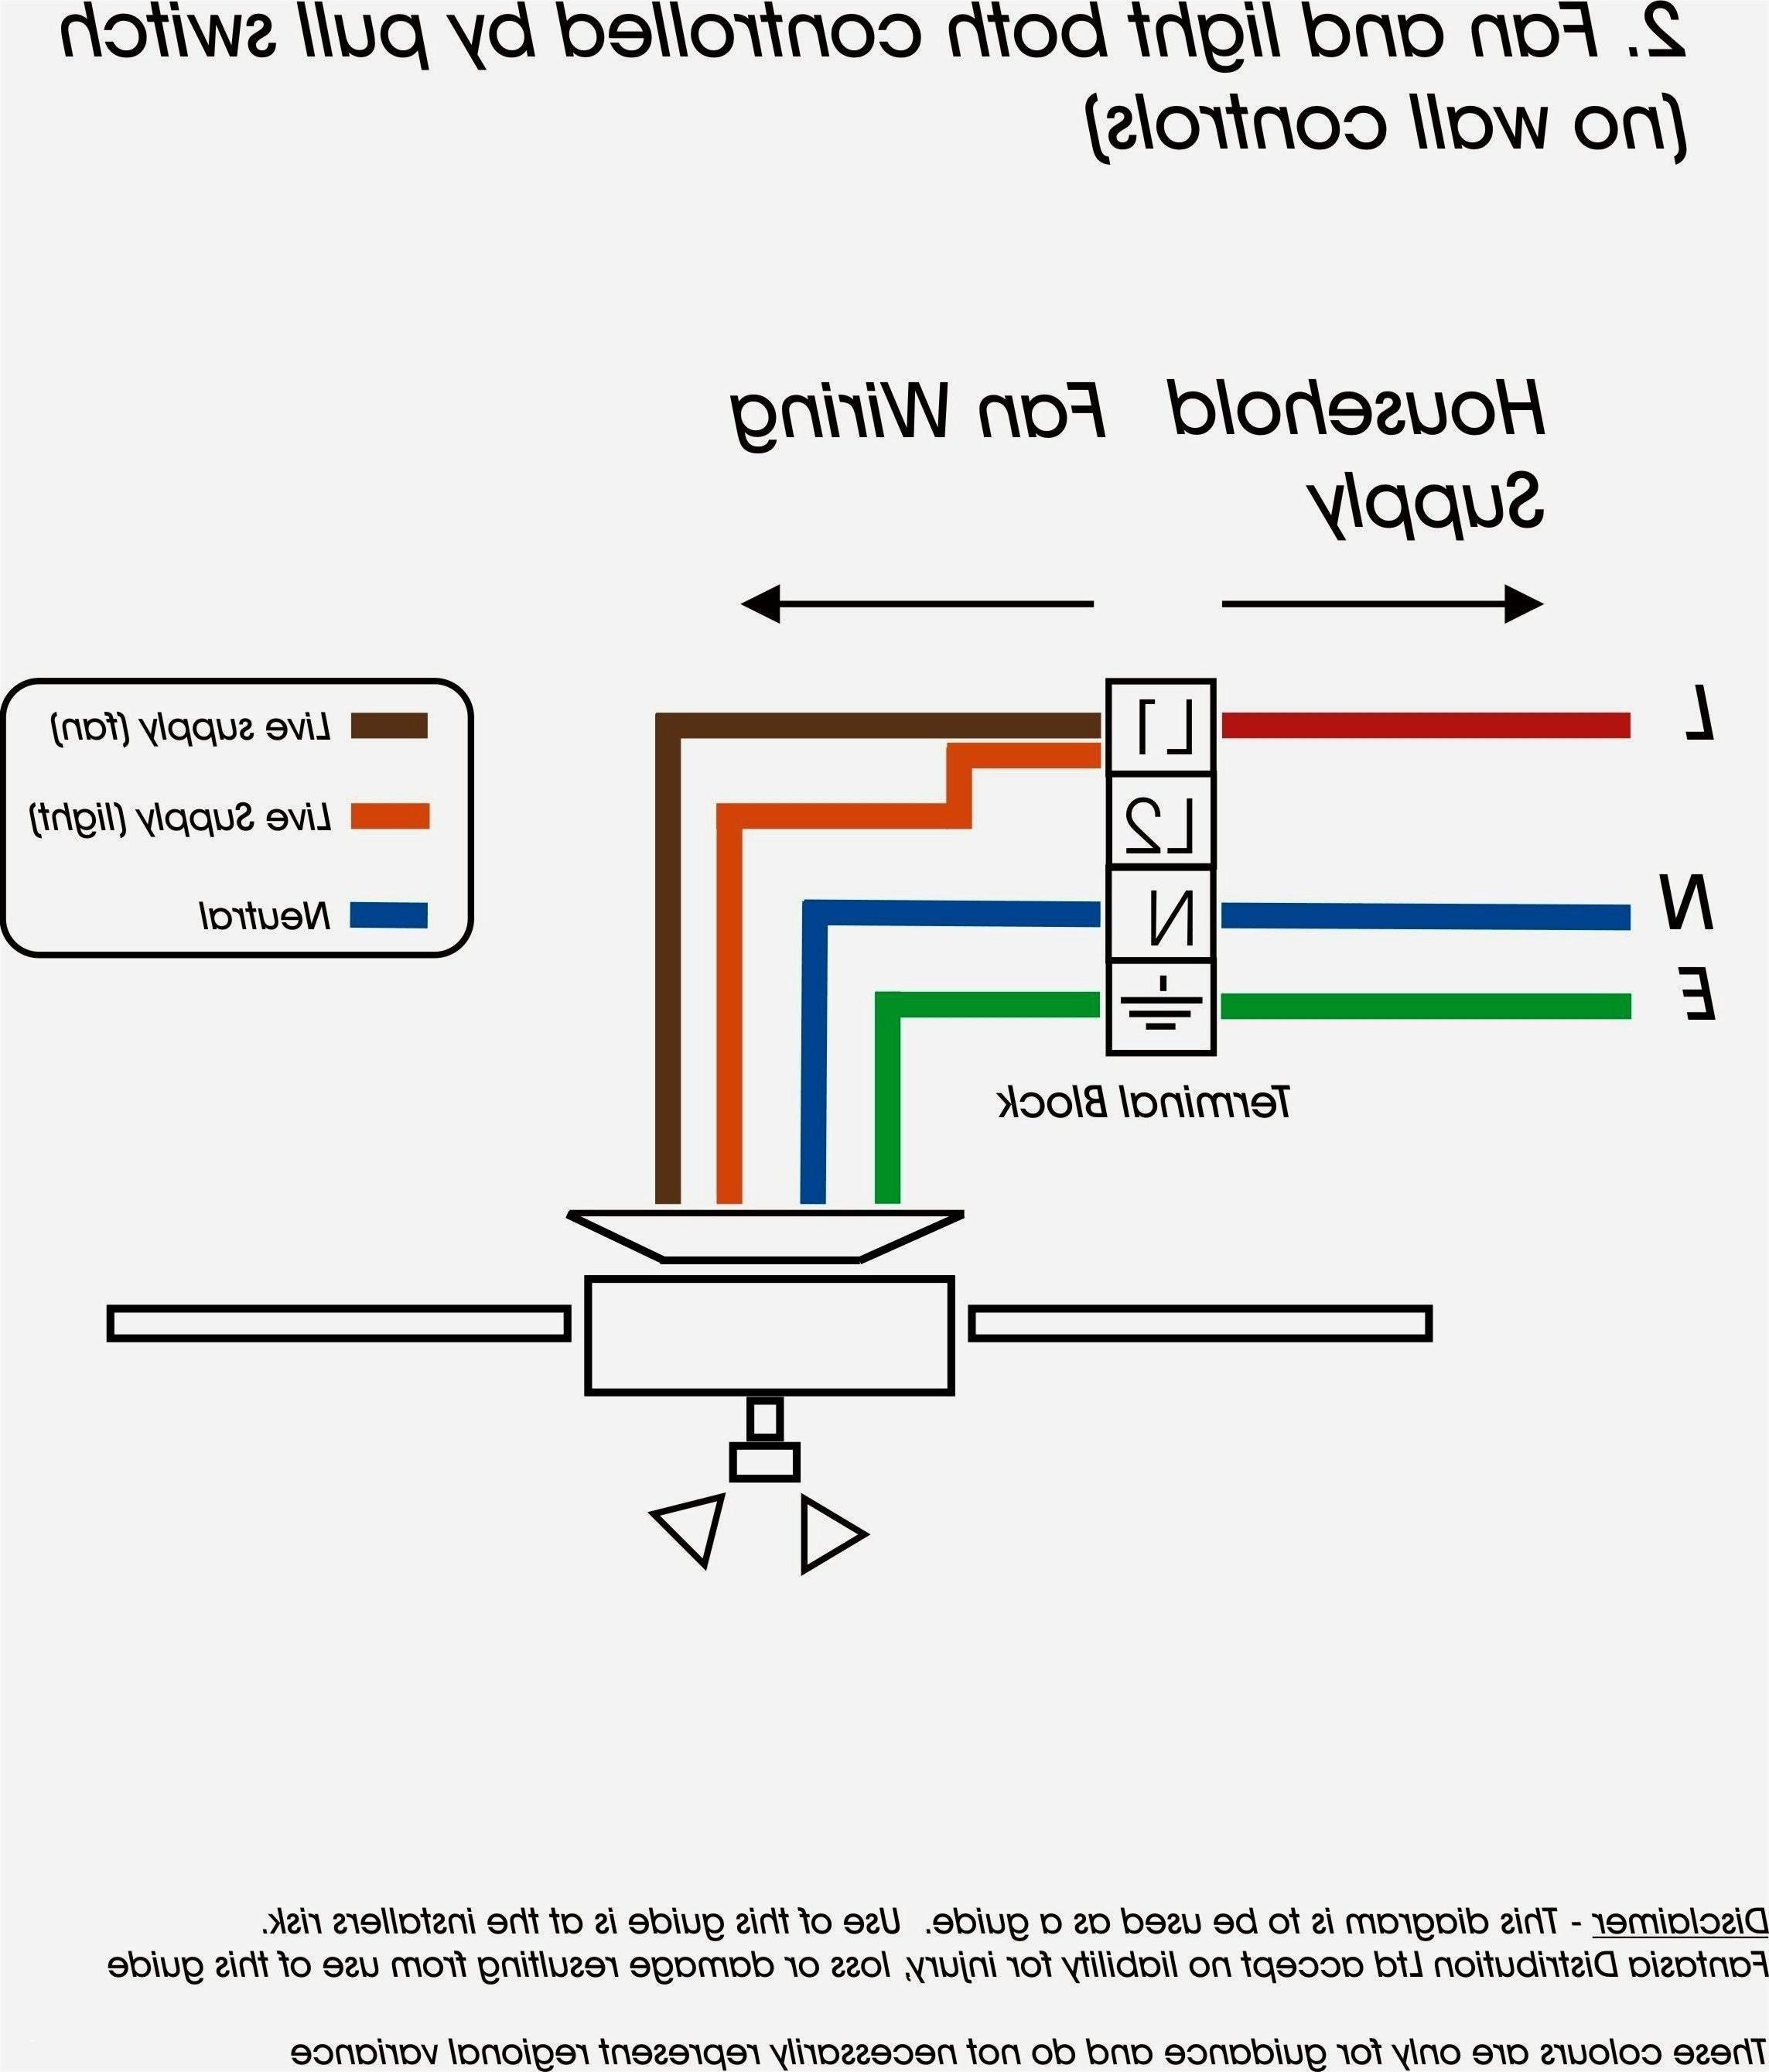 Trailer Lights Wiring Diagram 7 Pin Wiring Diagram 7 Pin Plug Australia Save tow Vehicle Wiring Diagram Of Trailer Lights Wiring Diagram 7 Pin